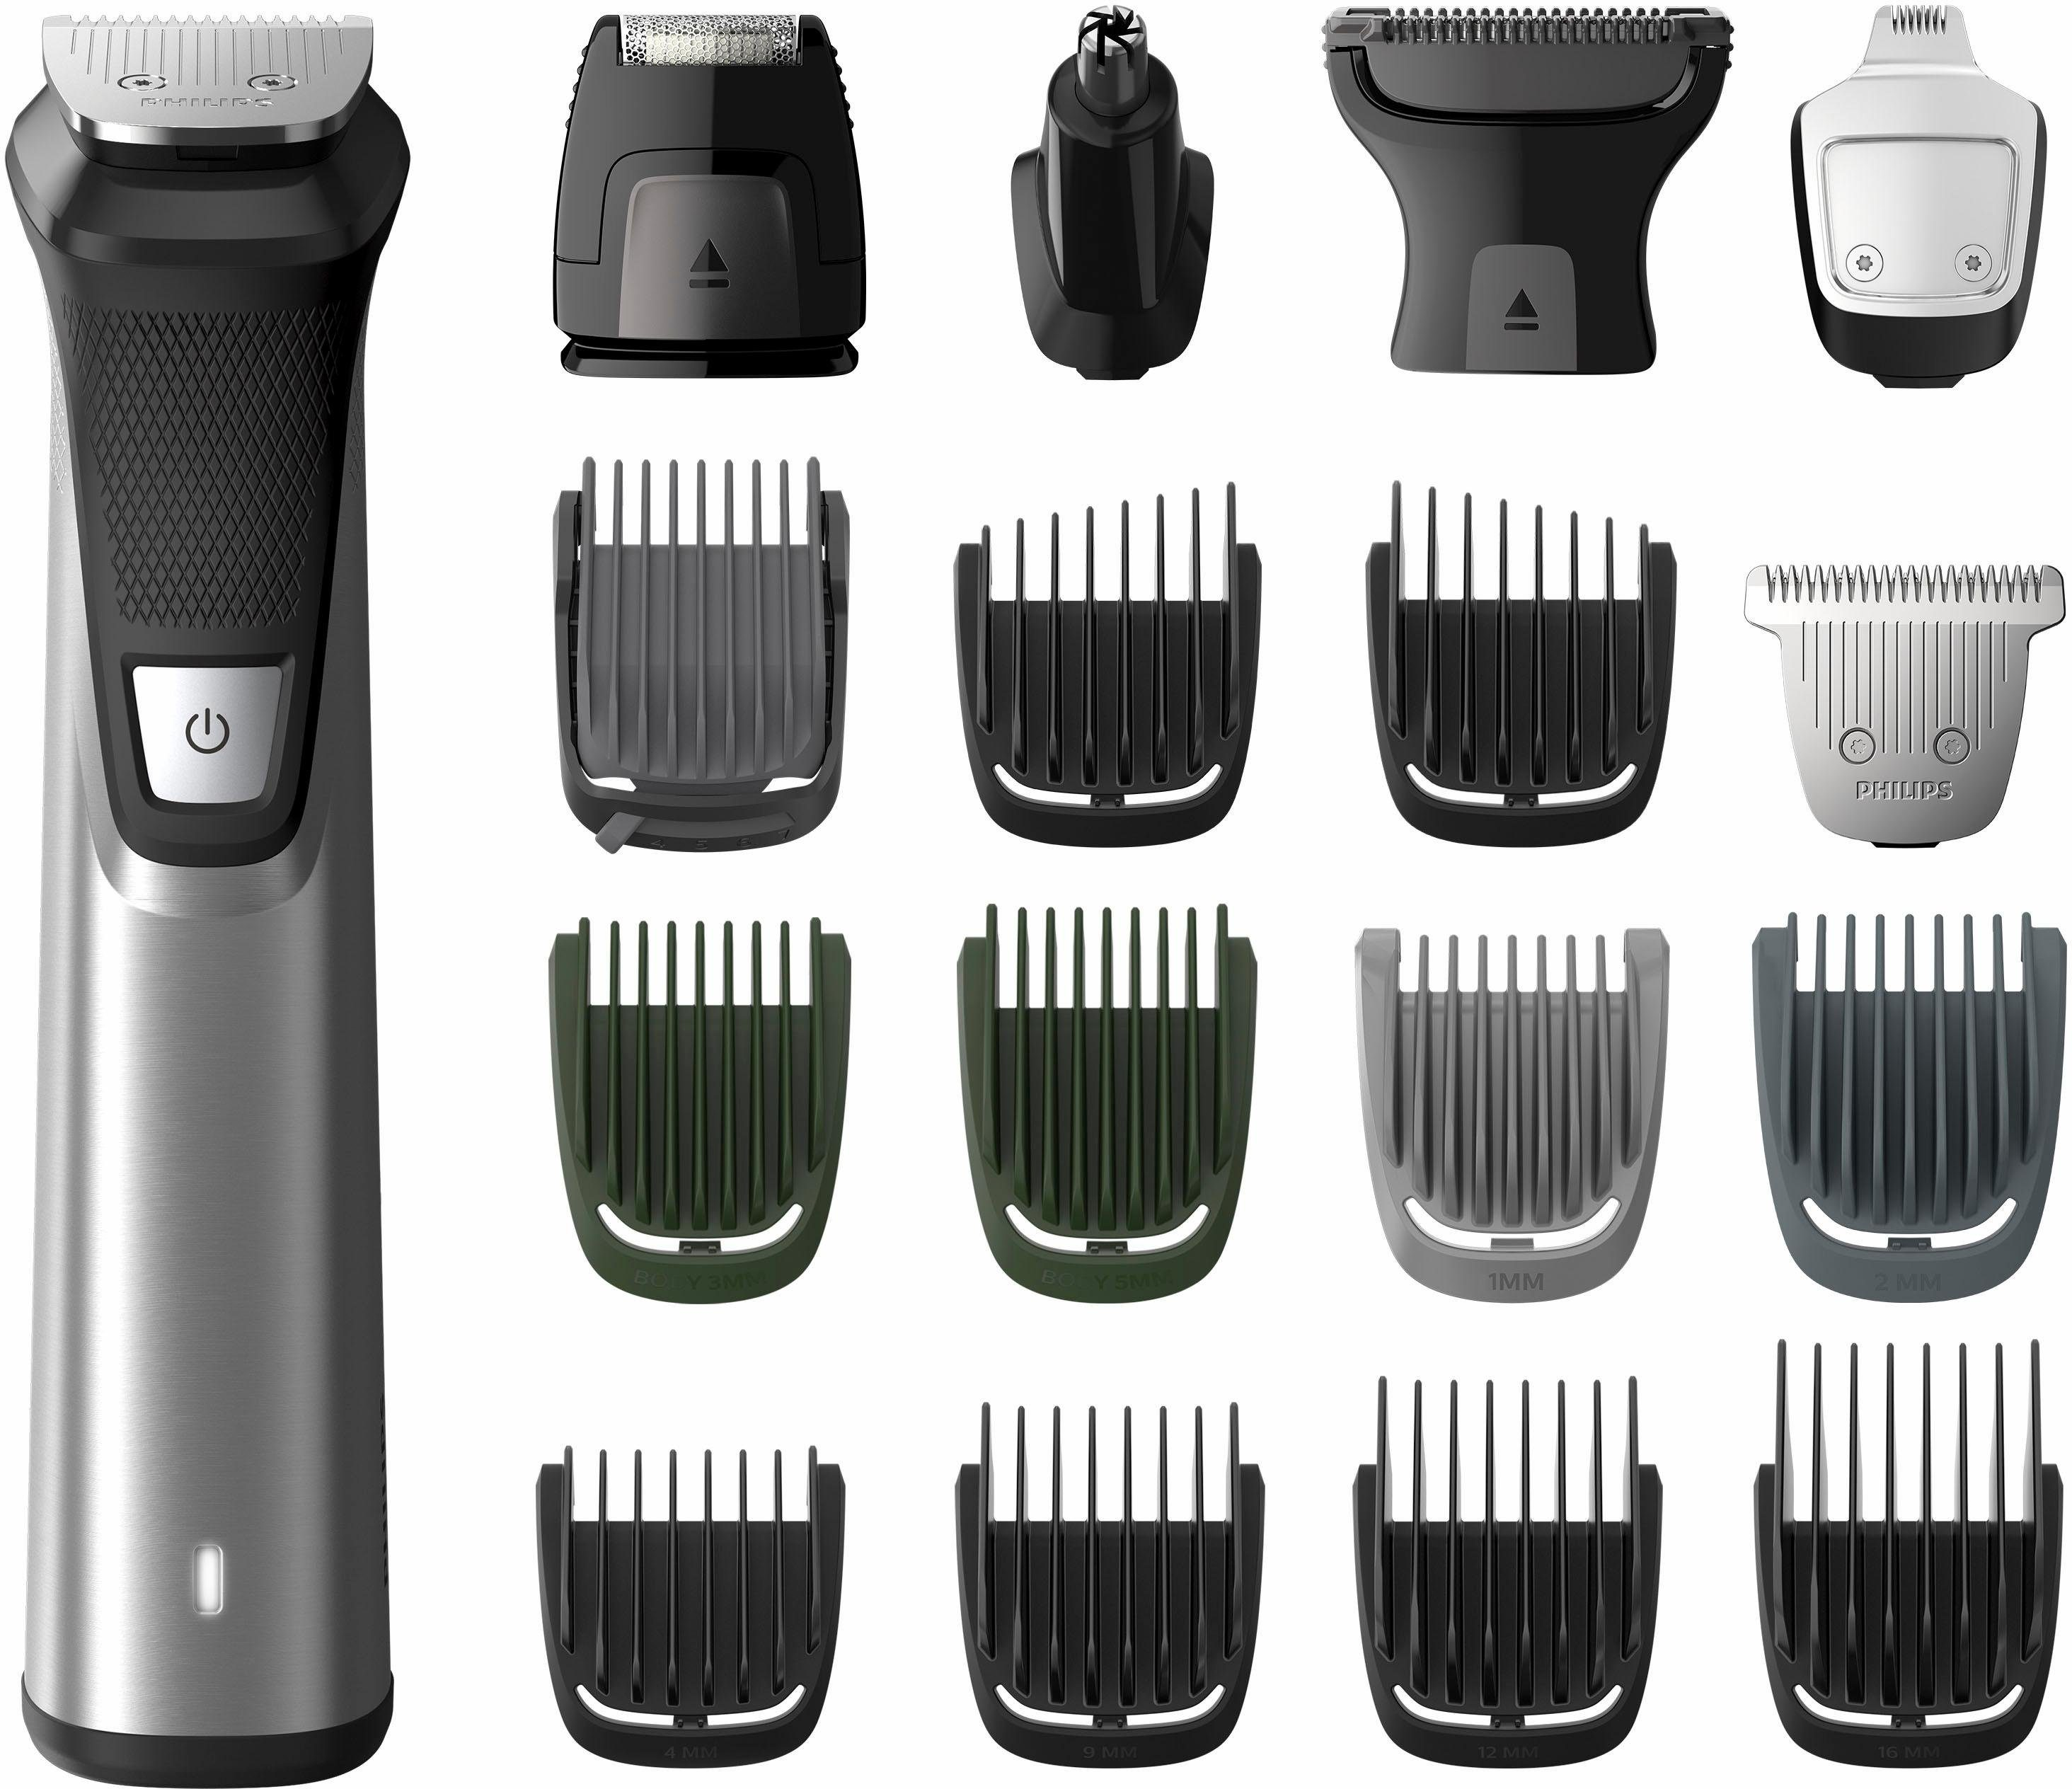 Philips Haar- und Bartschneider MG7770/15, Multigroom Series 7000 mit 18 Aufsätzen